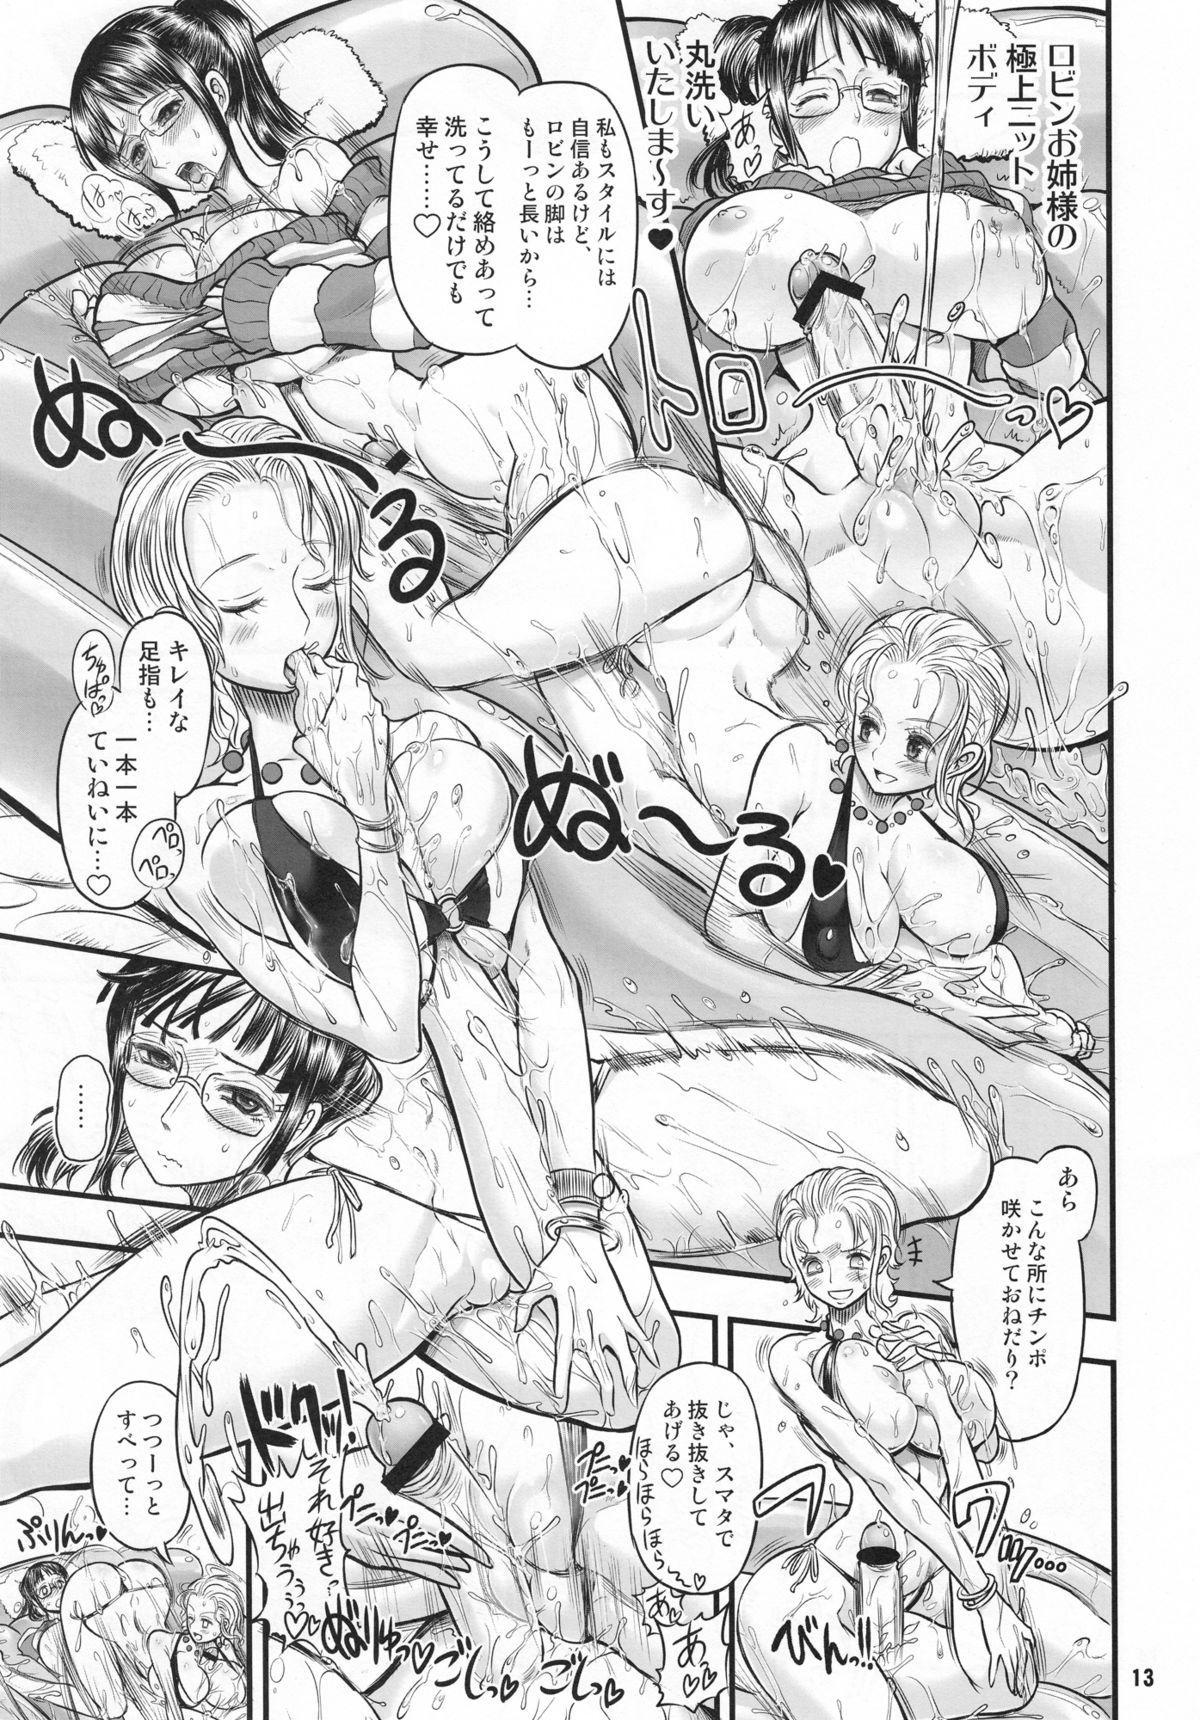 Midarezaki Joshuu Kaizoku 2 11